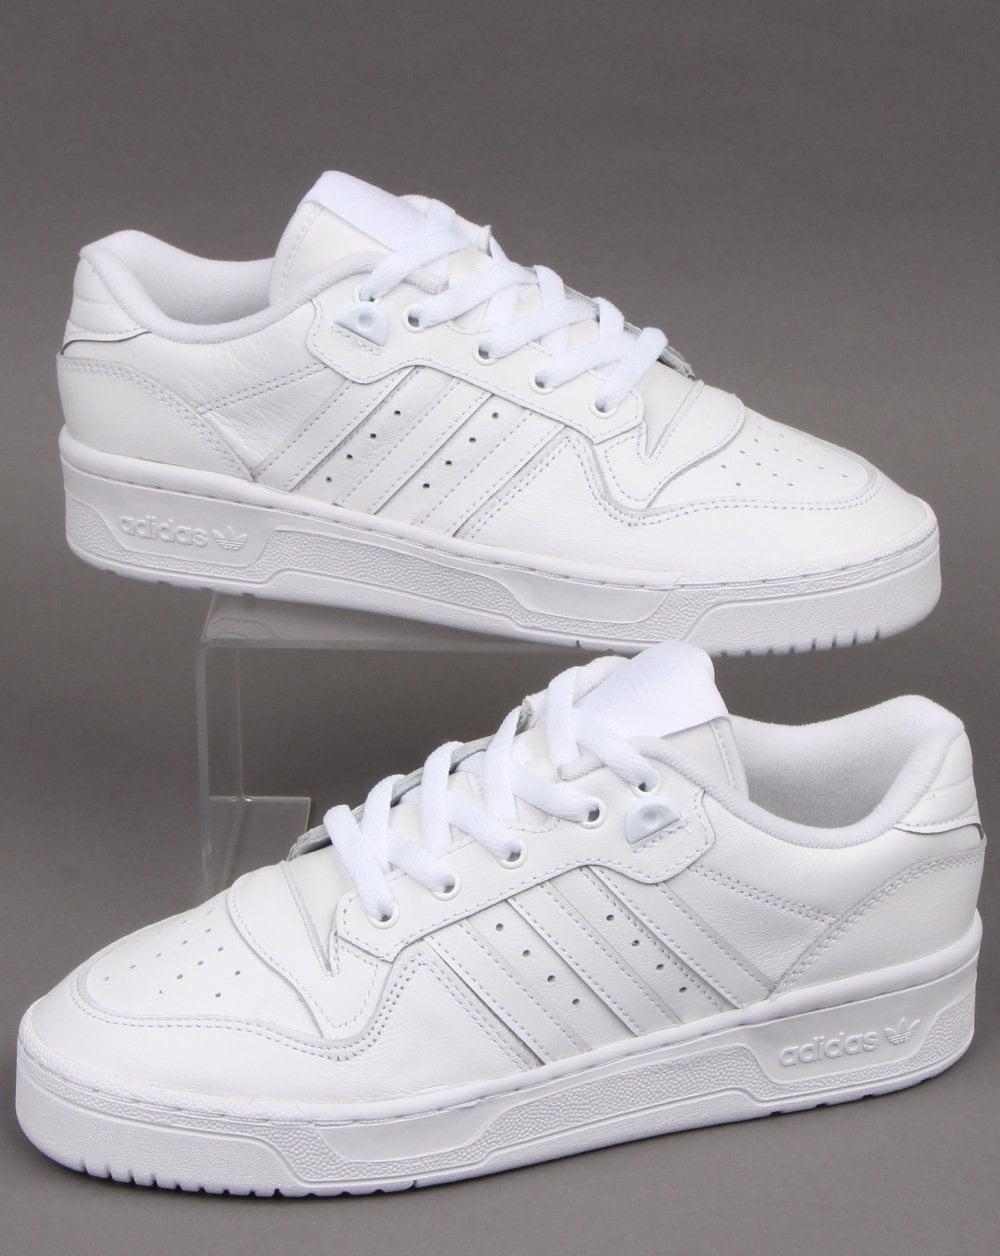 White Nike Presto | Sole Collector